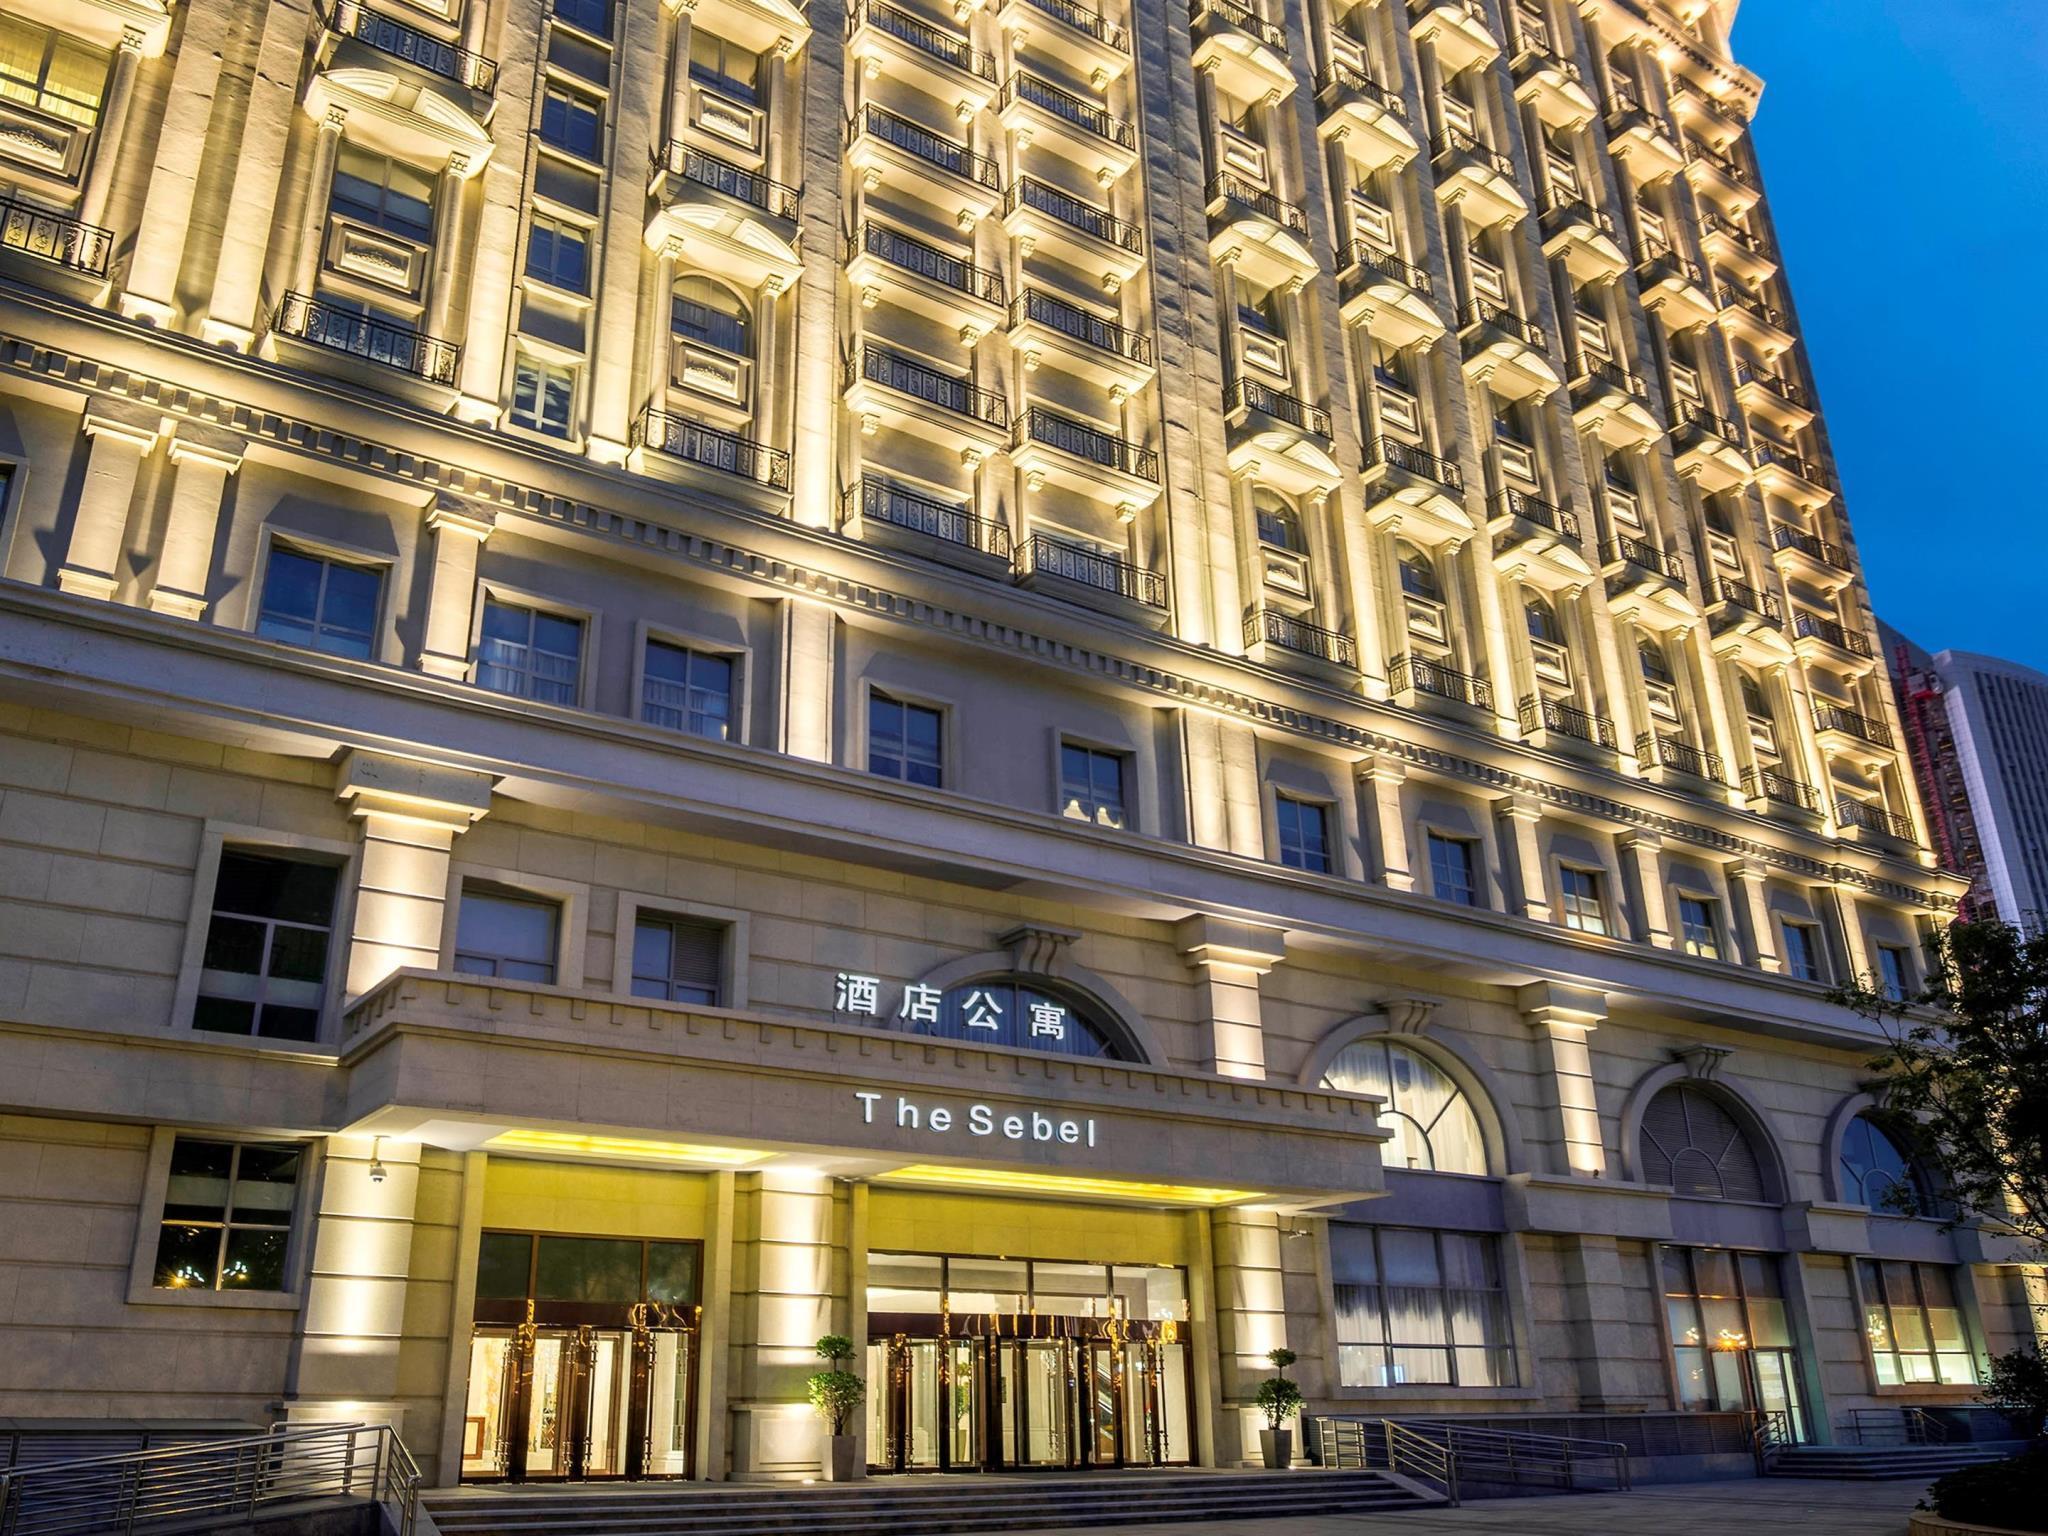 The Sebel Xi Ning Hotel